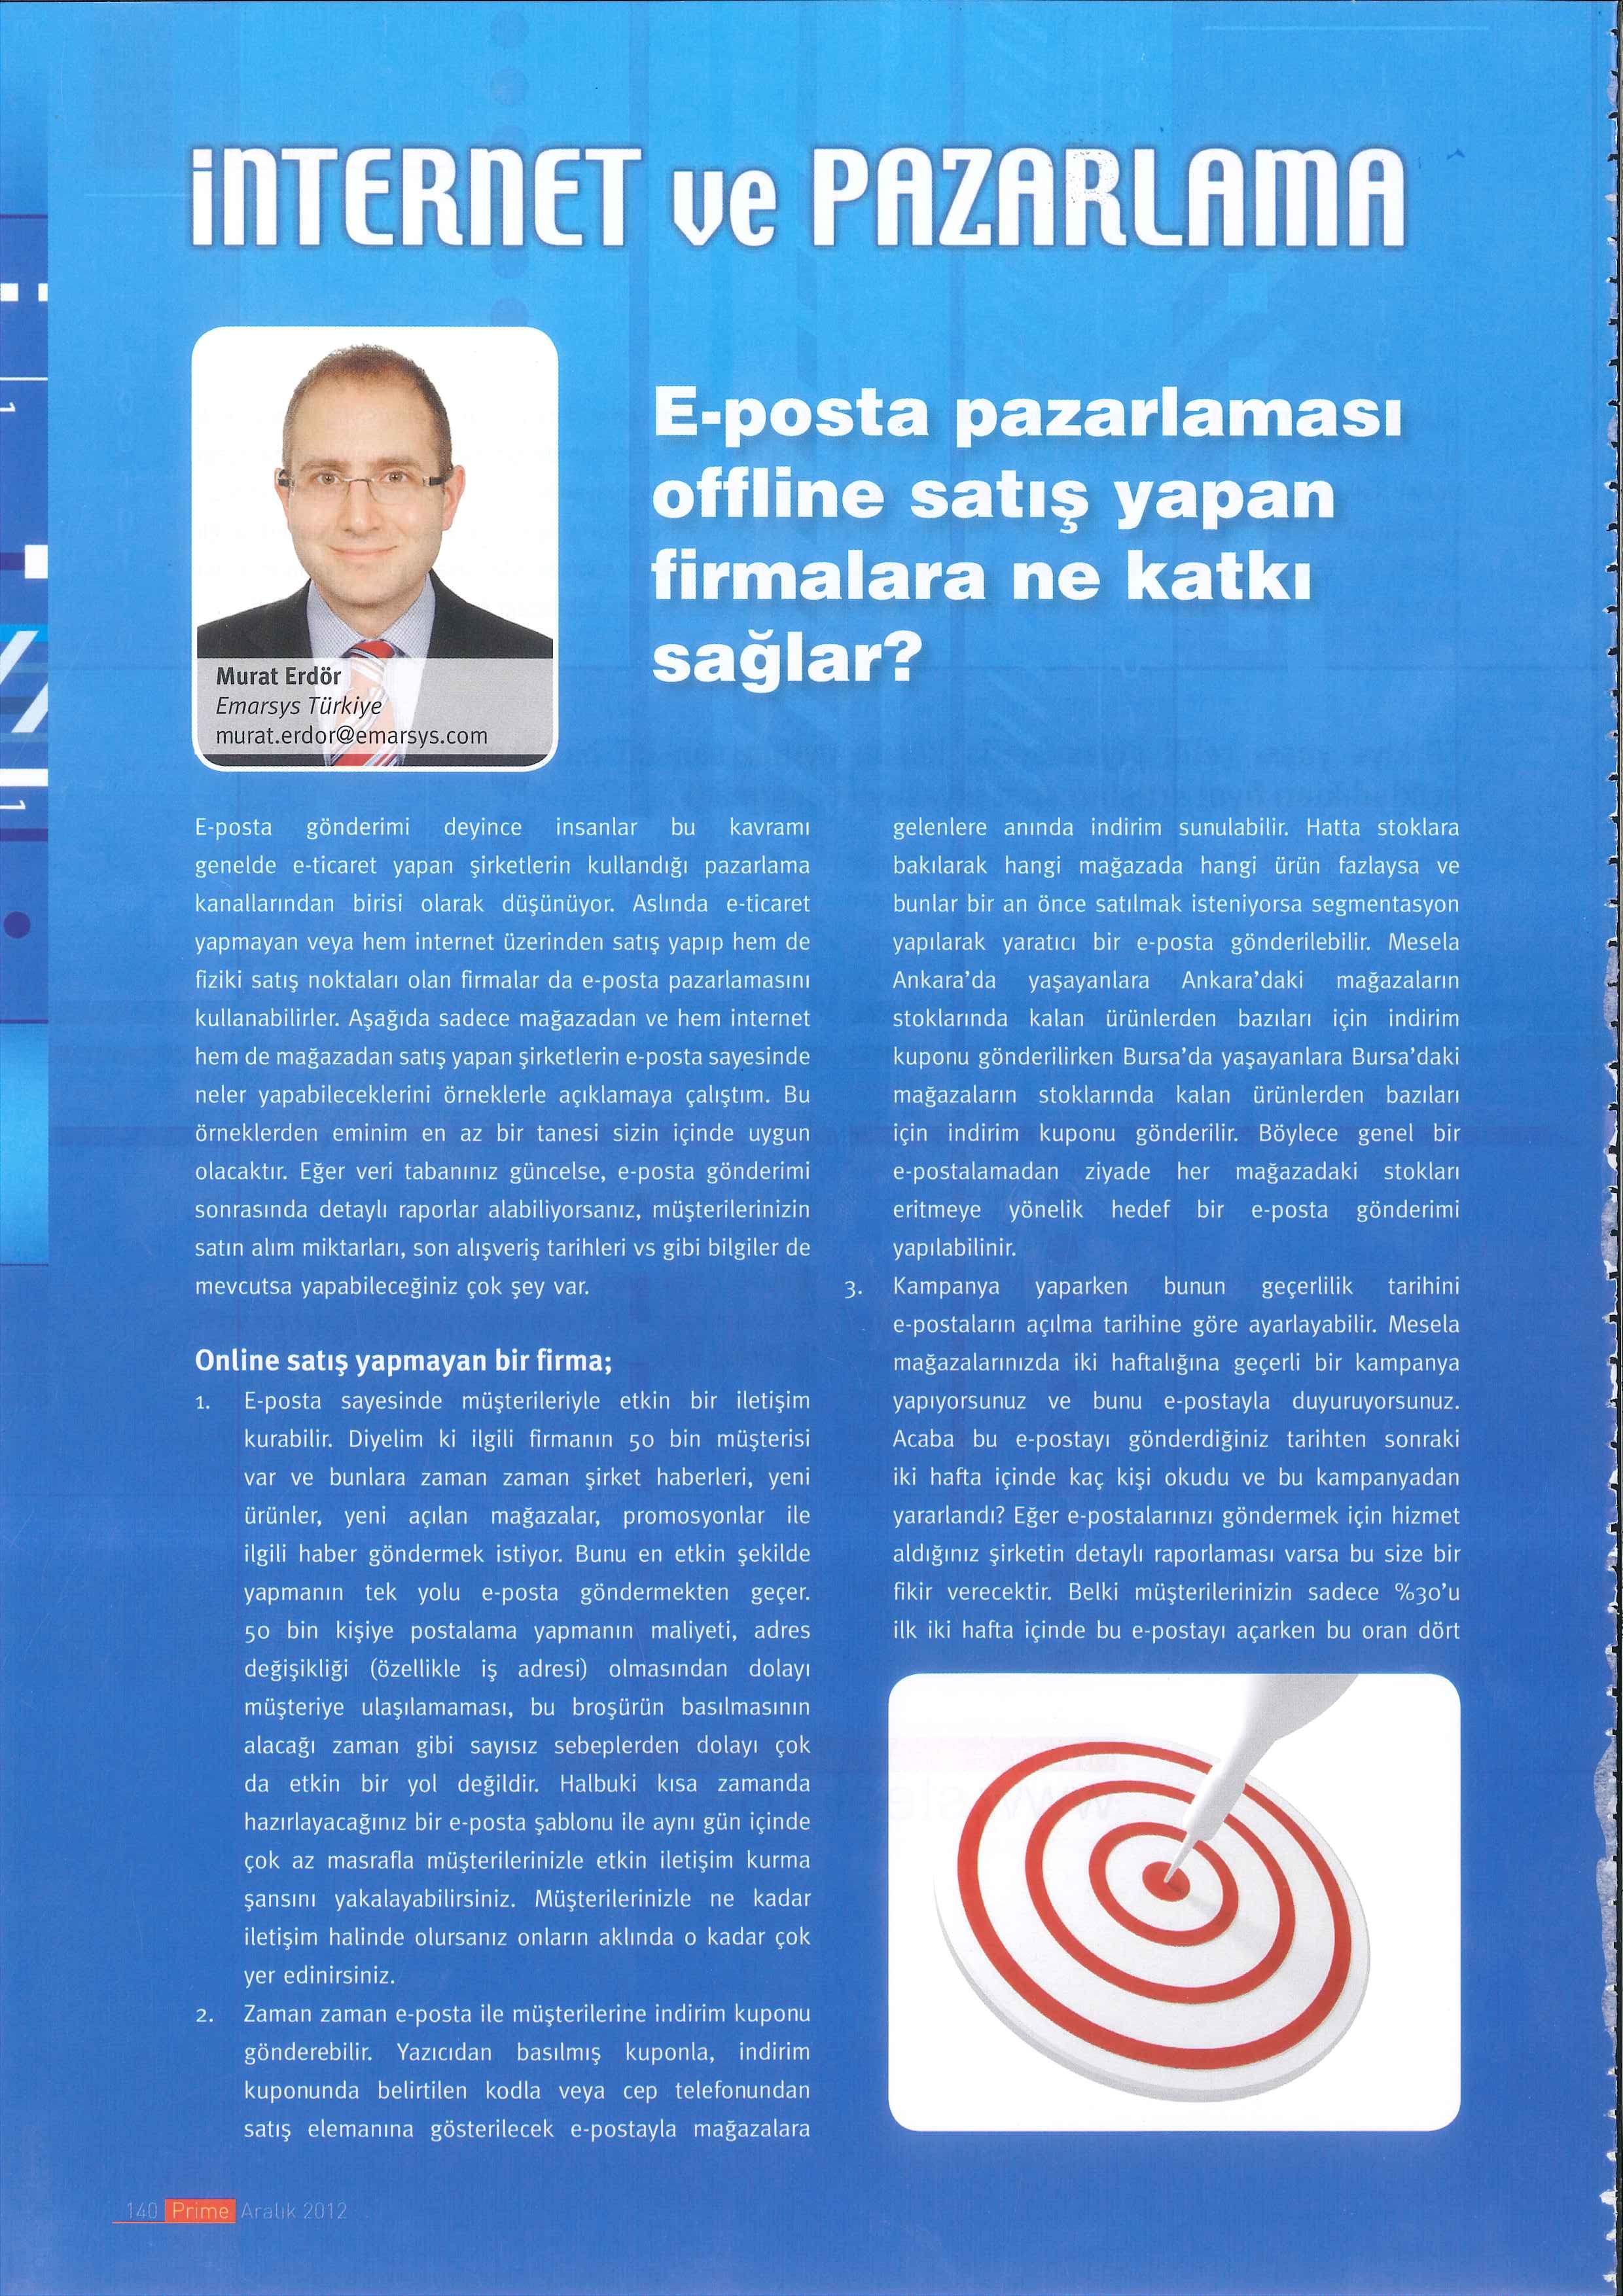 74 - Prime Dergisi_muraterdor.com_Aralık 2012